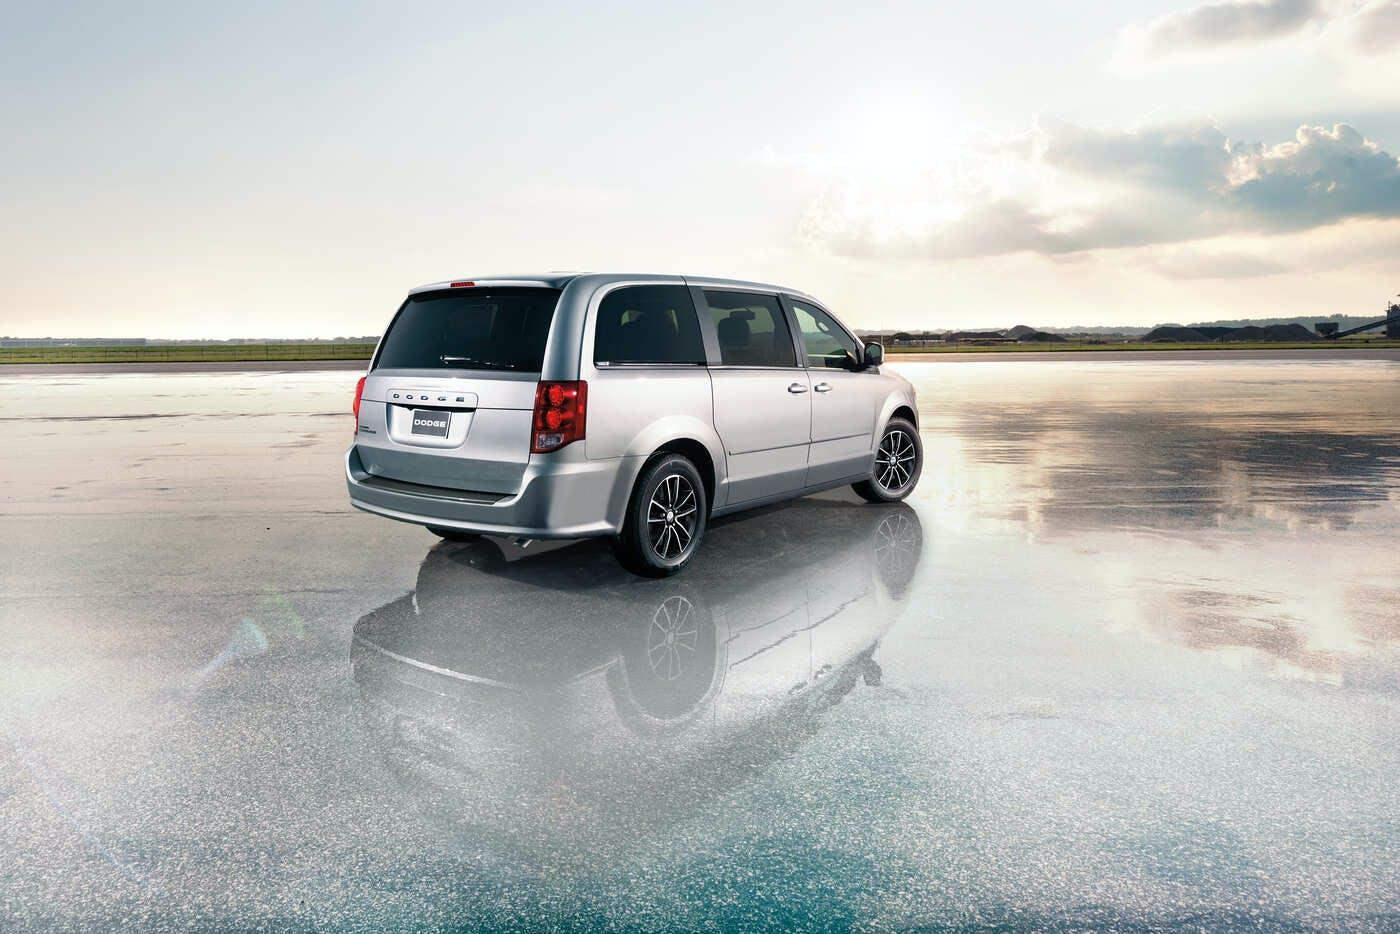 2020 Dodge Grand Caravan Lease Deals Specials Truecar